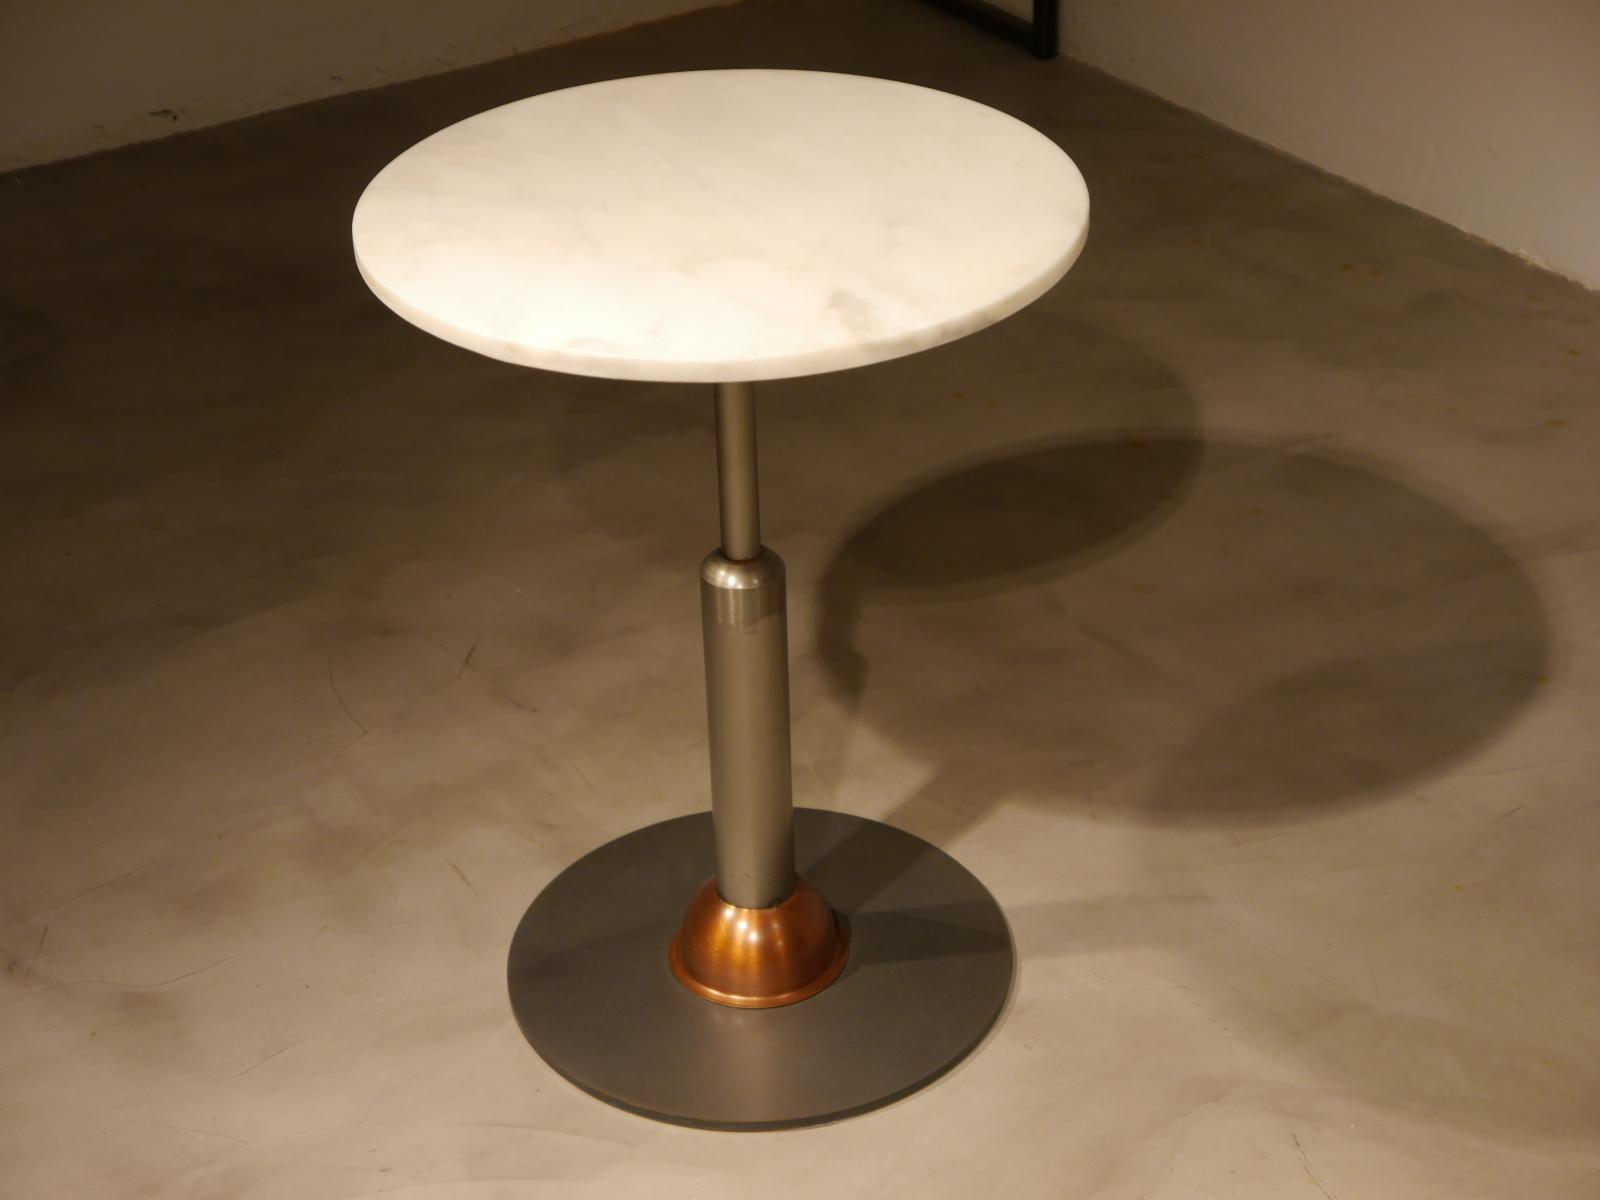 Mesa malcontenta con adorno en cobre con sobre de mármol blanco 56cm